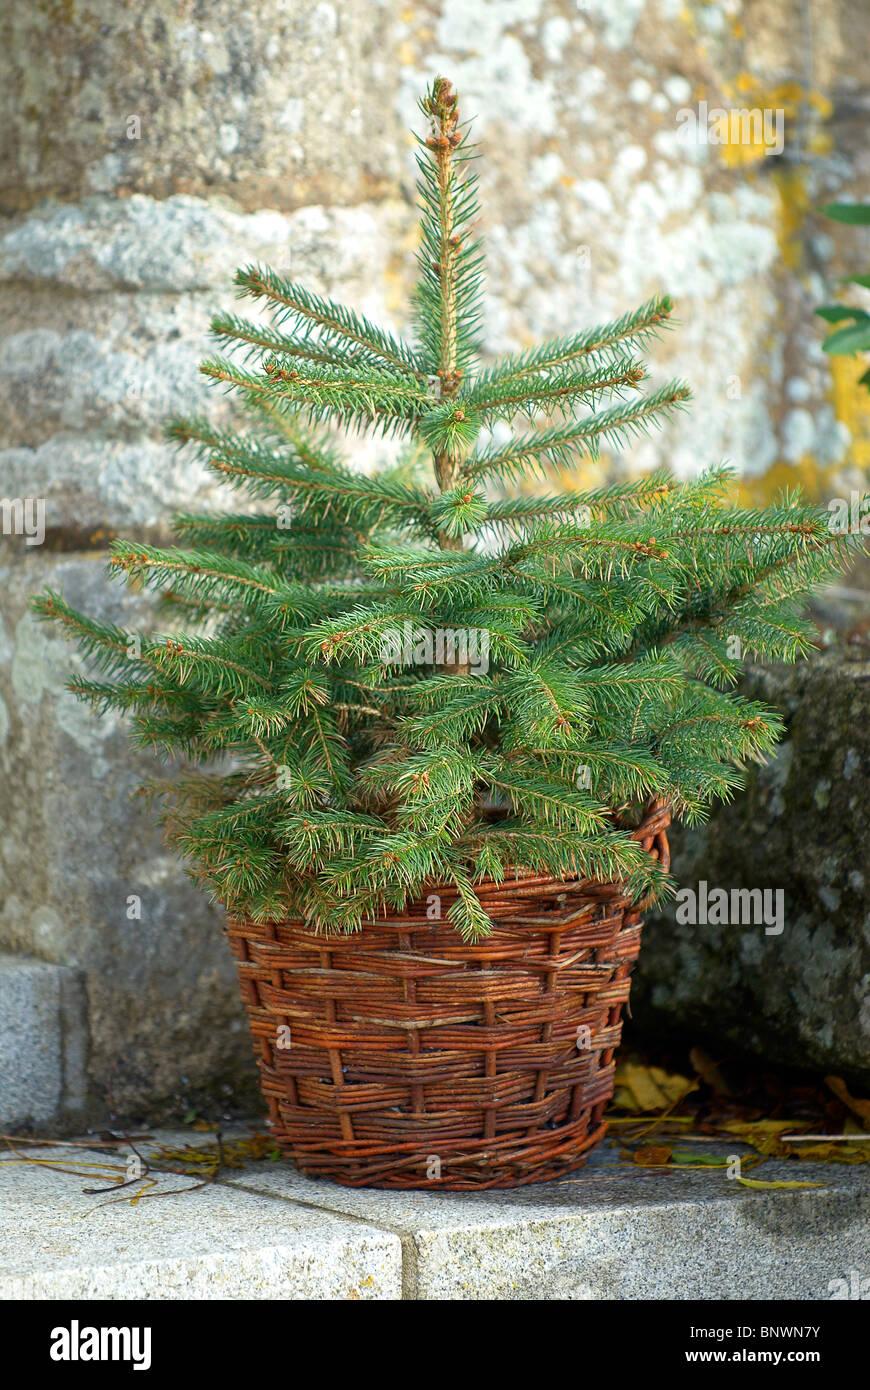 Fir Tree in wicker basket - Stock Image